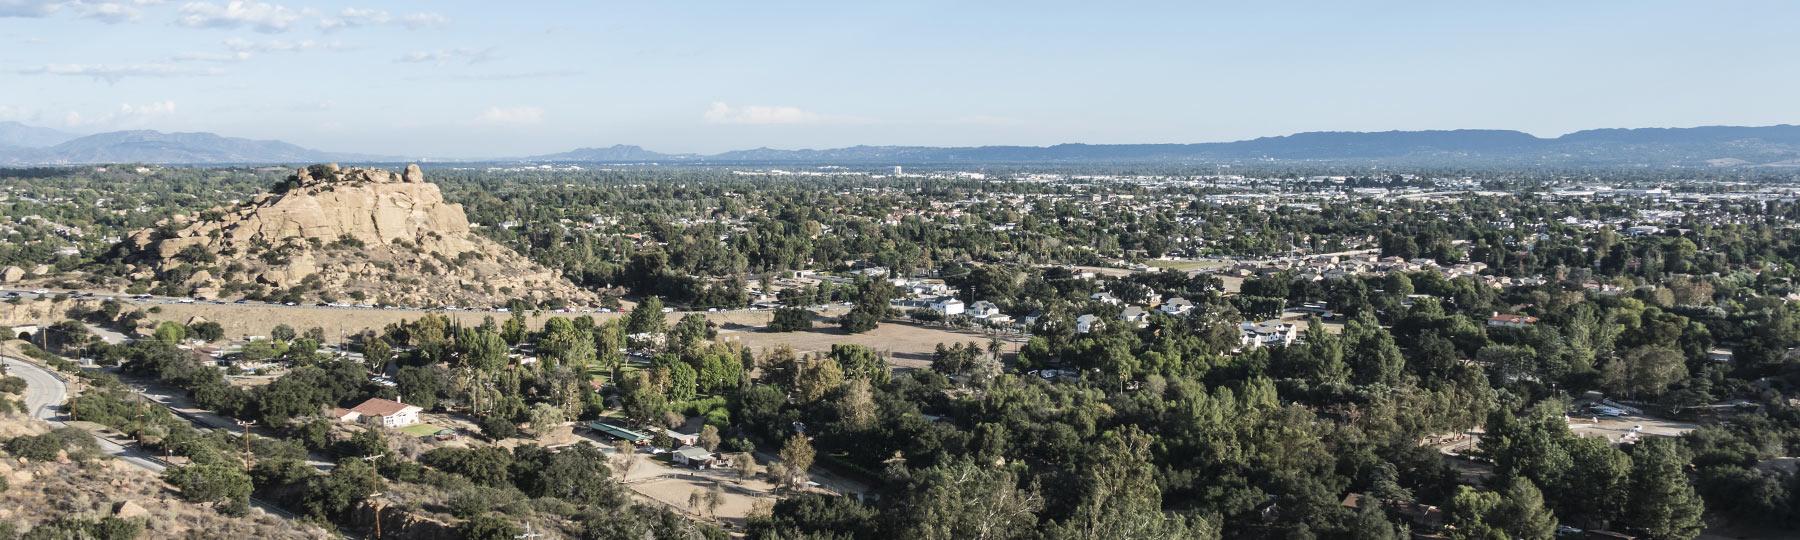 Northridge California